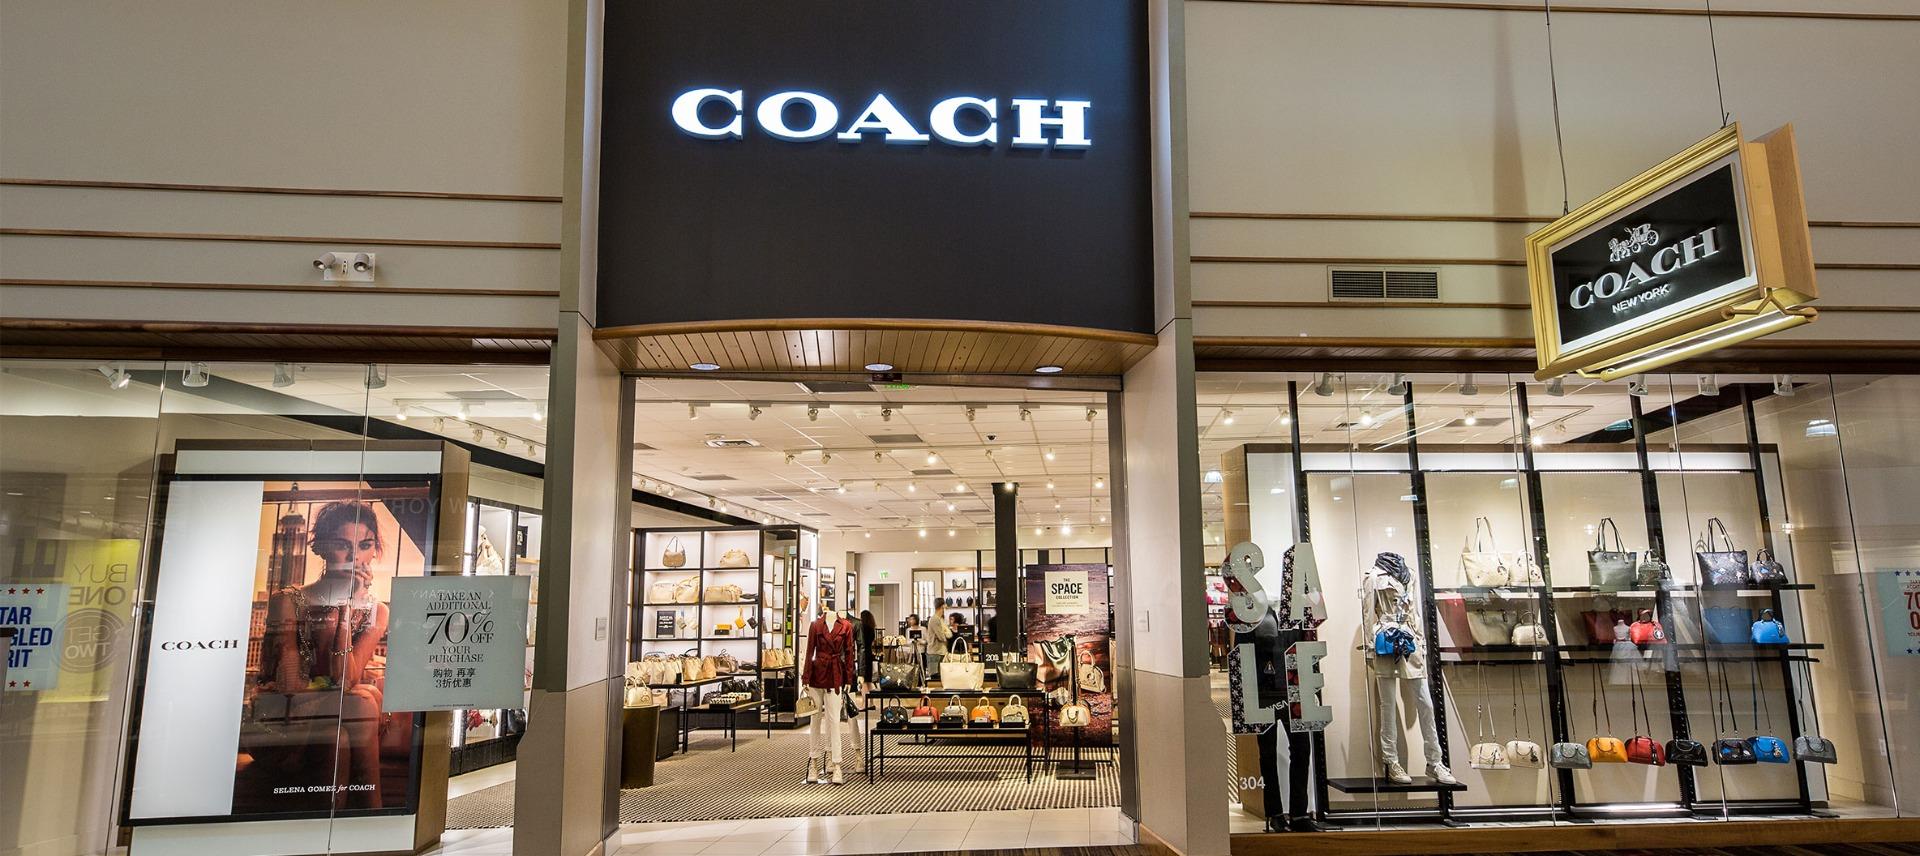 กระเป๋า Coach รุ่นไหนดี ราคาถูก ใช้งานได้คุ้ม